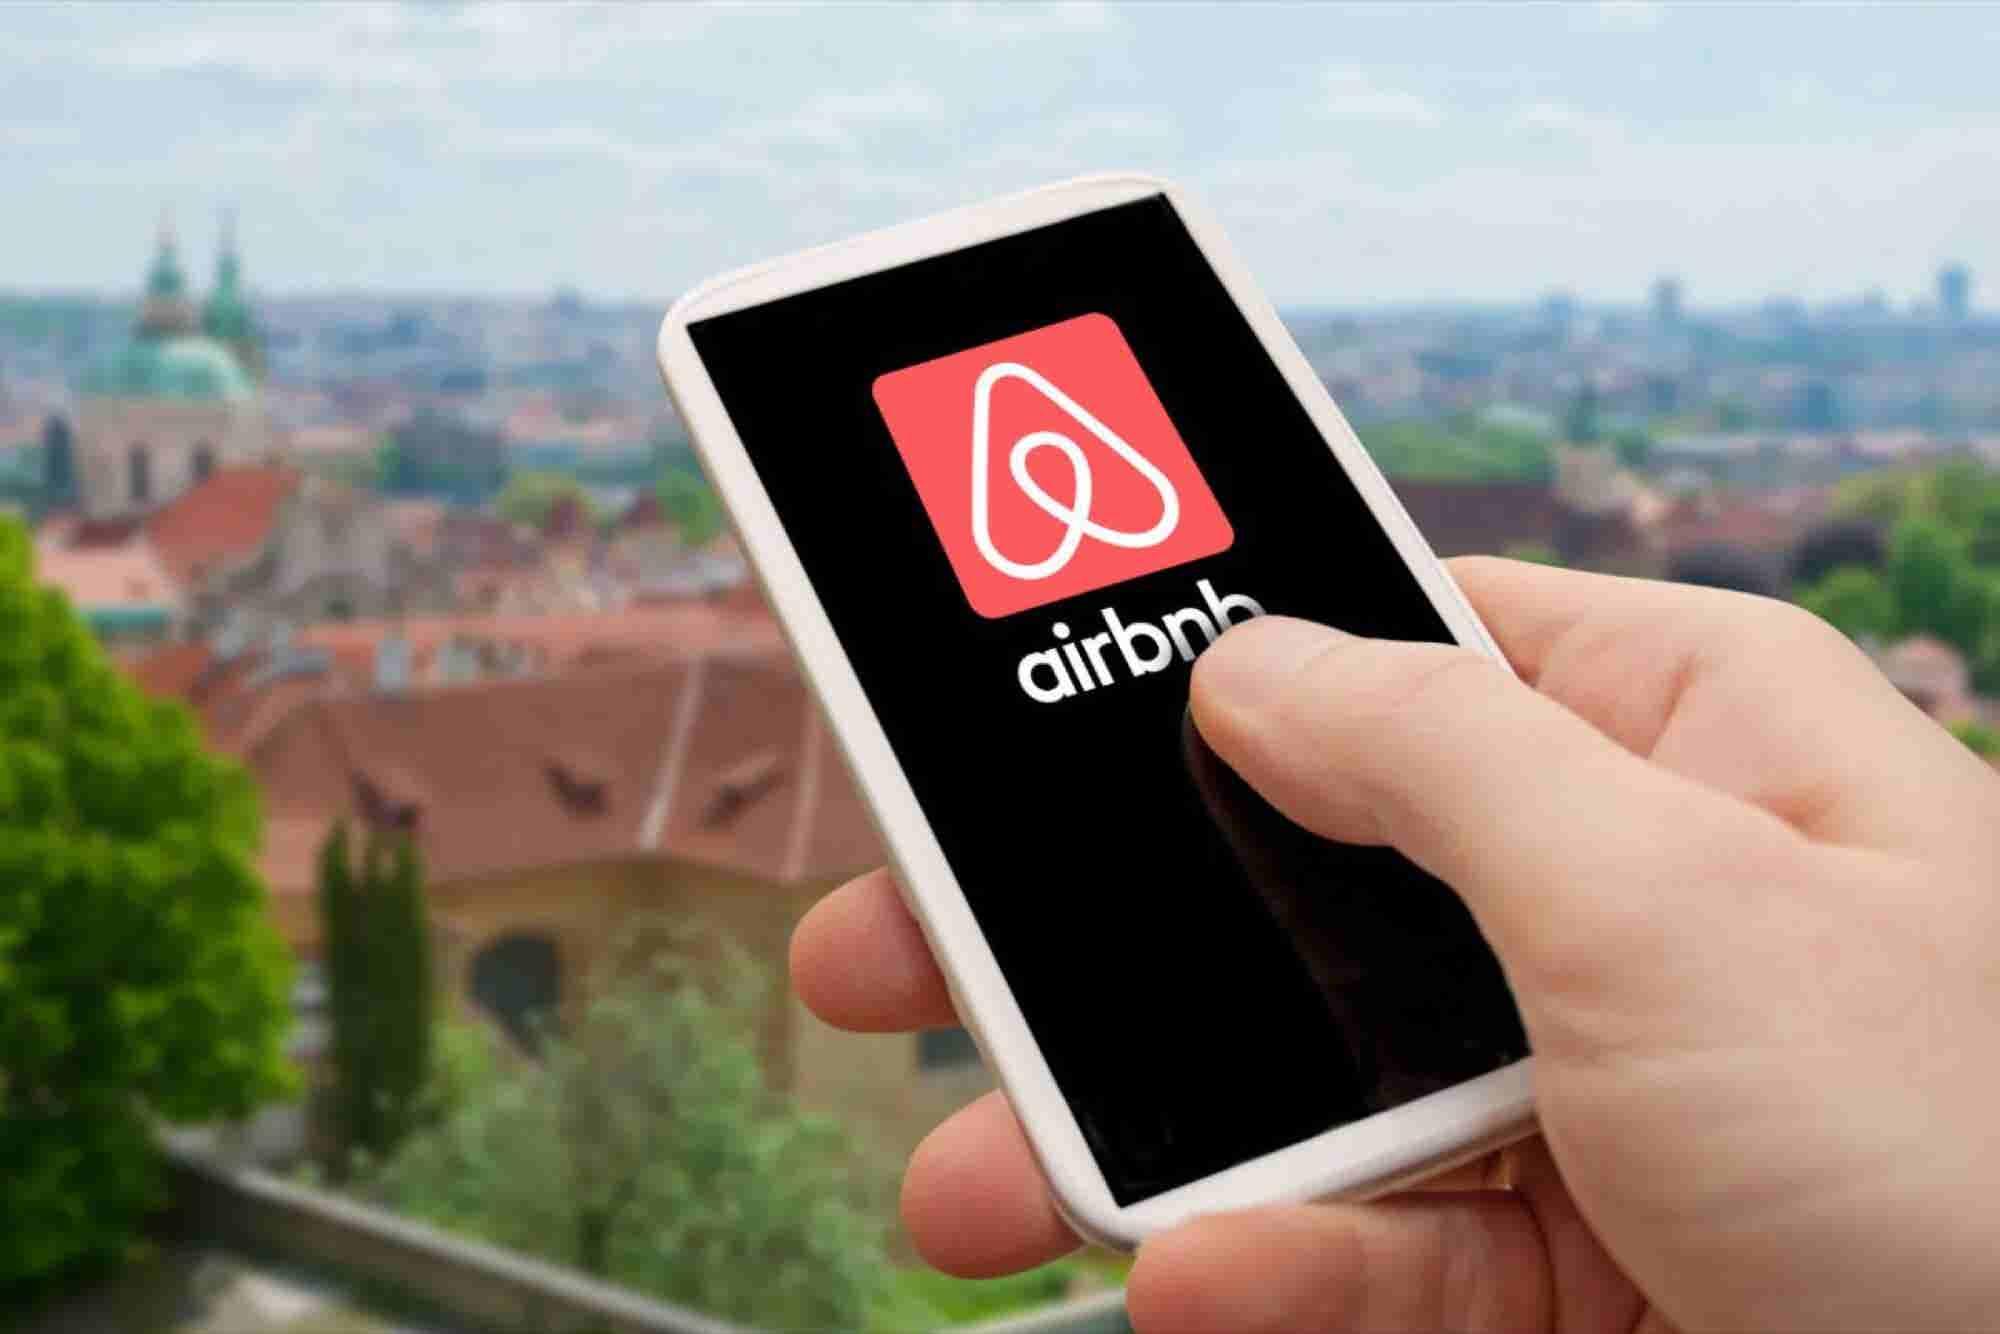 Claves para crecer de forma exponencial (al estilo Airbnb)